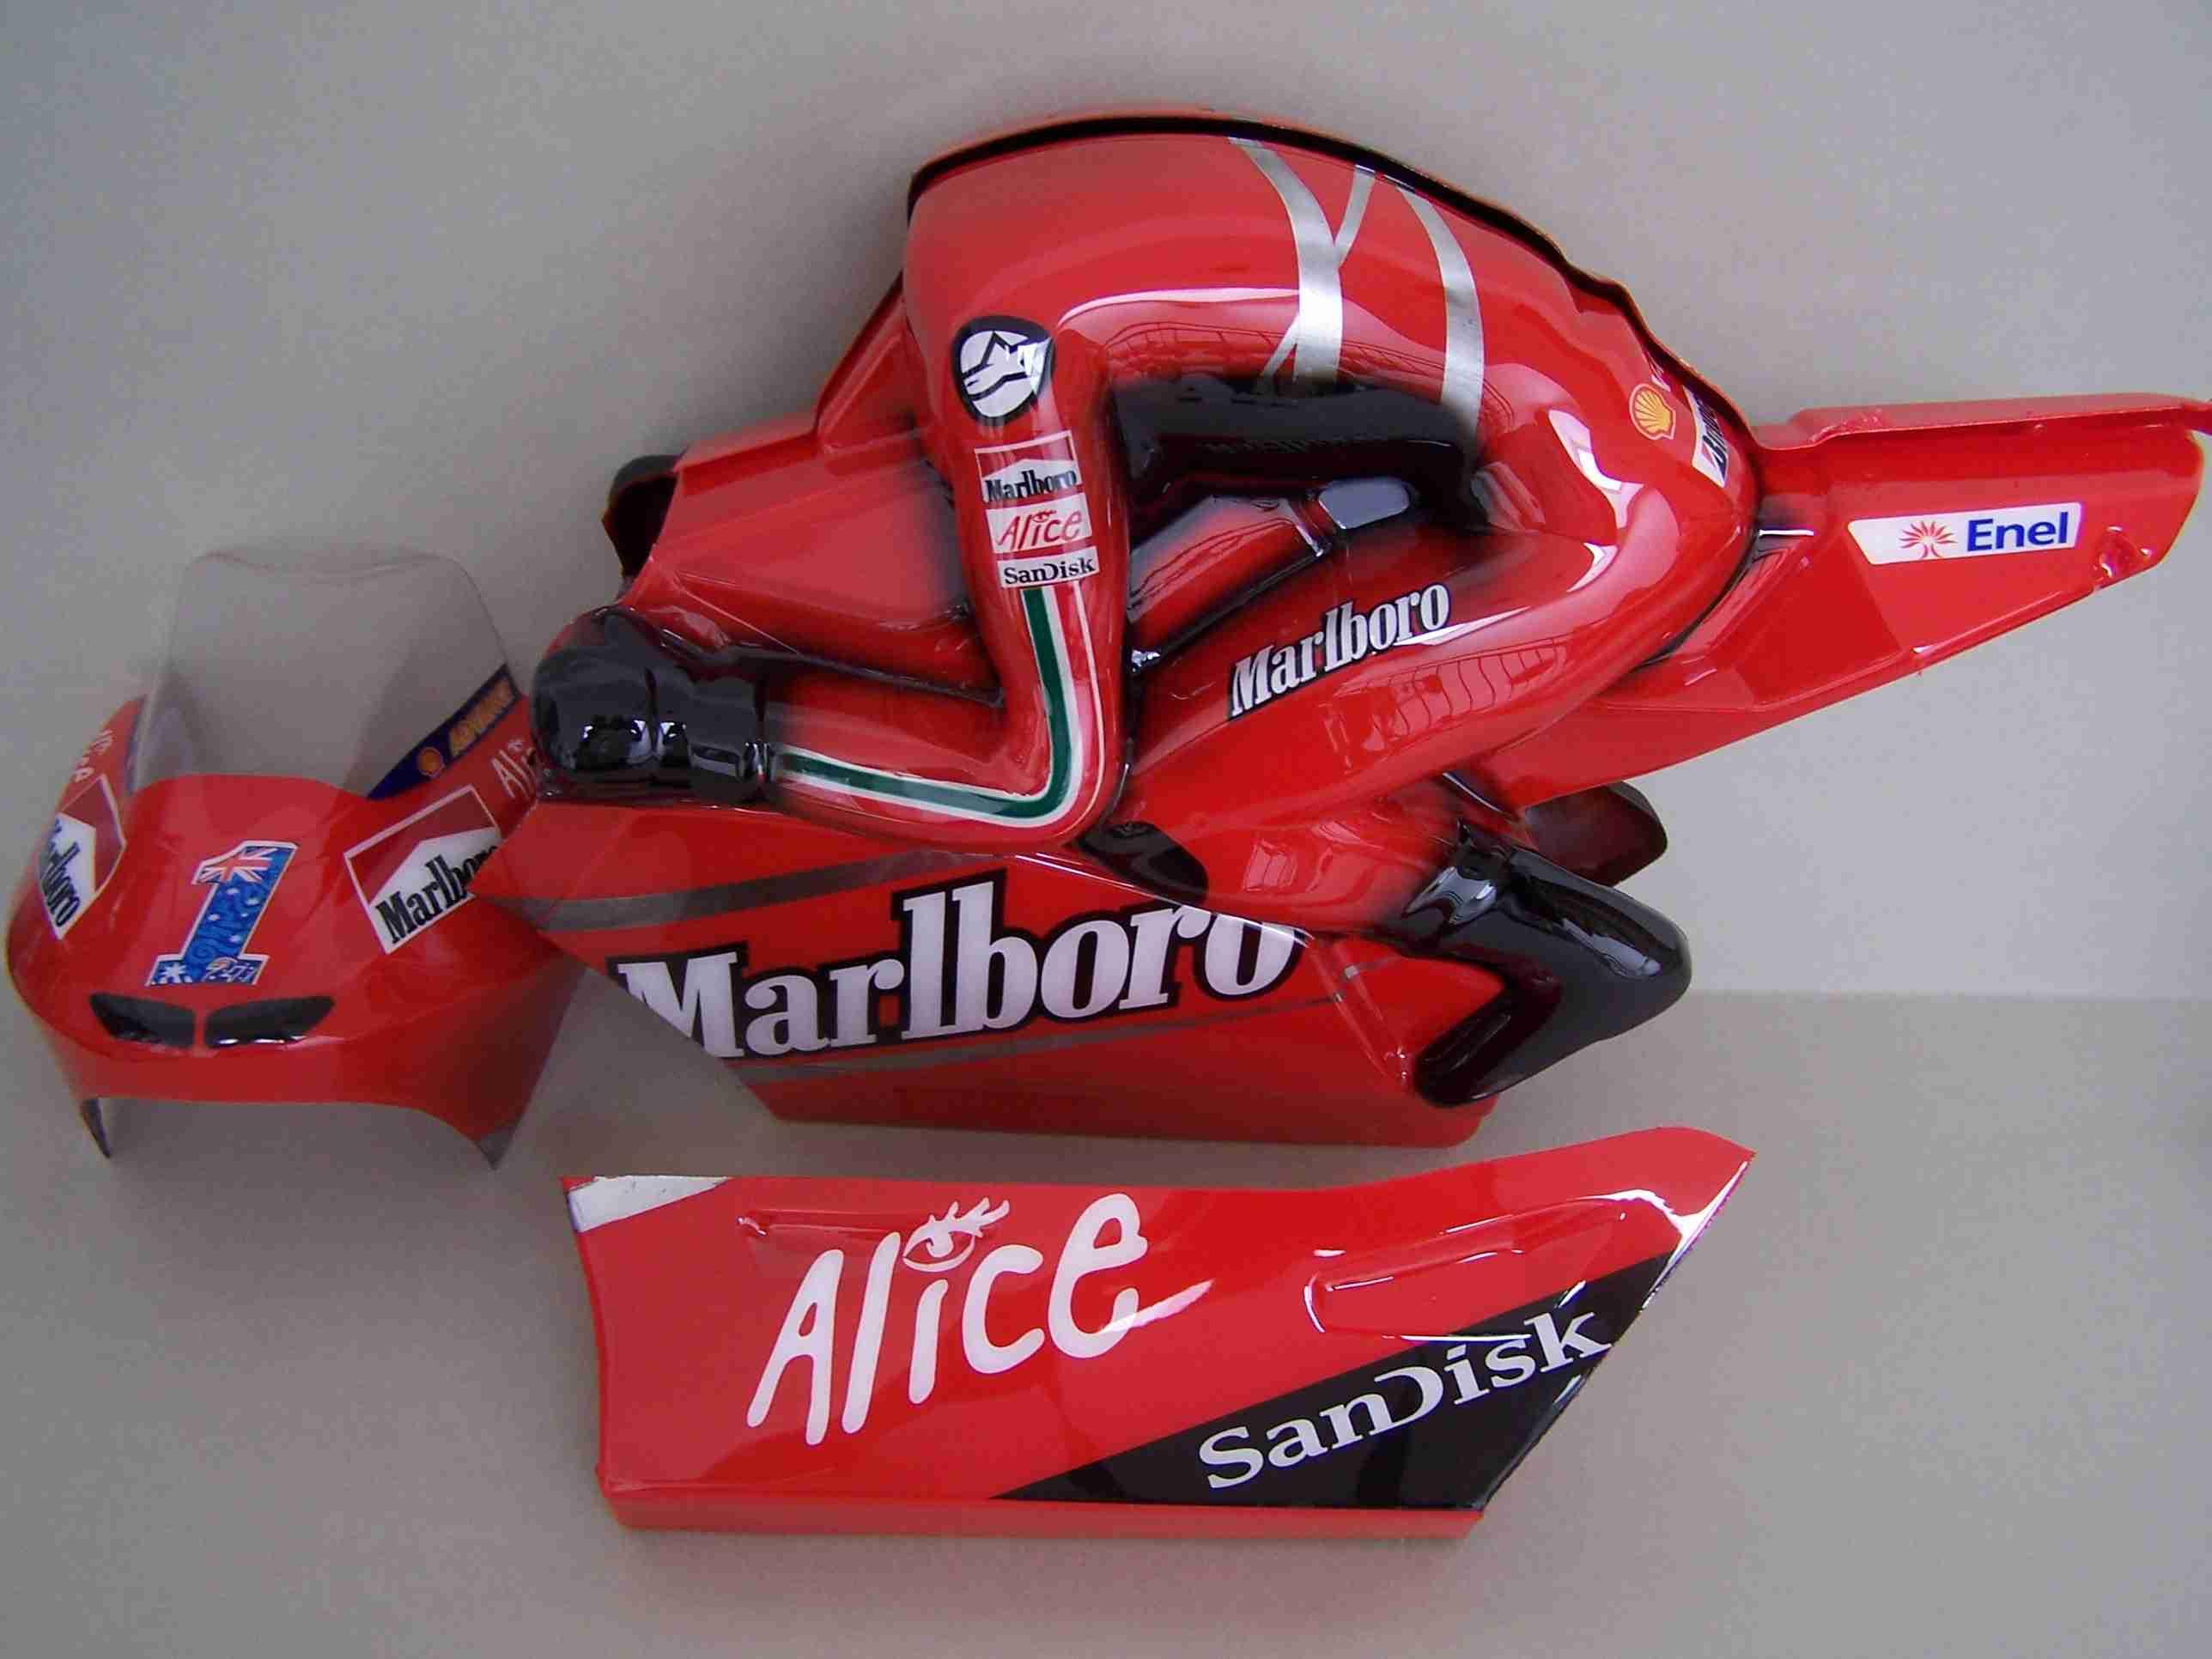 [Marlboro-Ducati-Stoner-2007-SB5-Body.jpg]